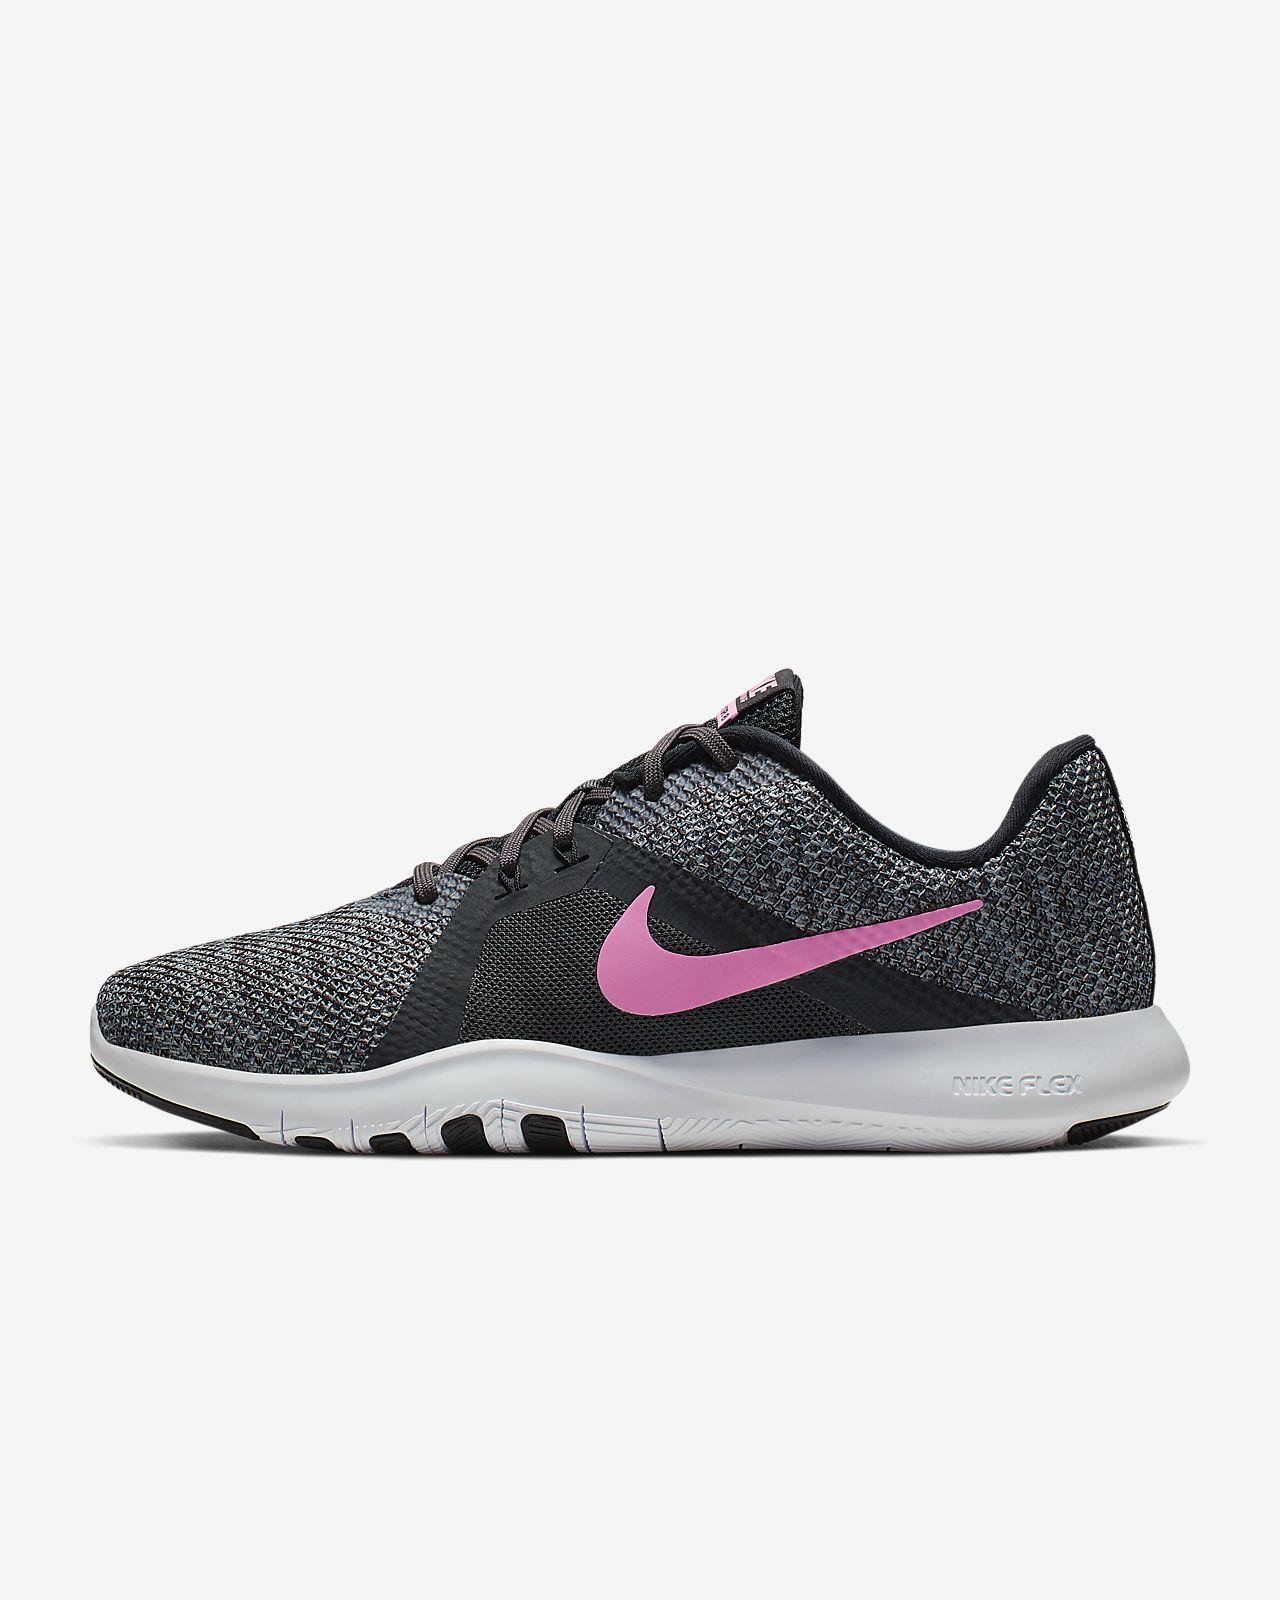 separation shoes 8db65 7a9e8 ... Nike Flex TR8 Zapatillas de entrenamiento - Mujer